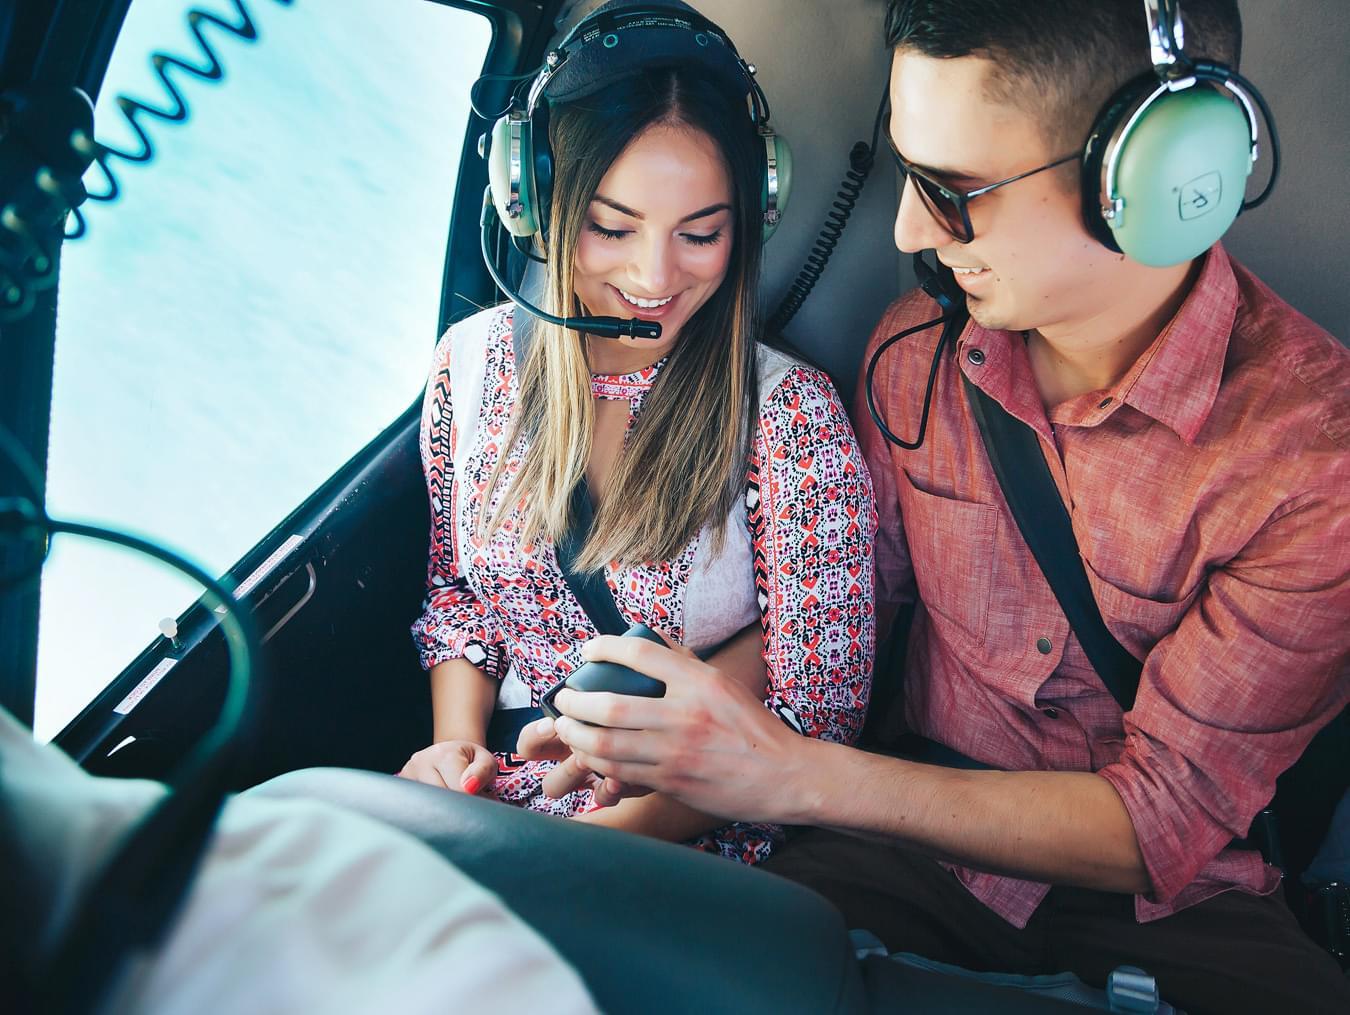 """Мужчина сделал сюрприз девушке в вертолете на вертолетной прогулке от компании """"Captour"""""""